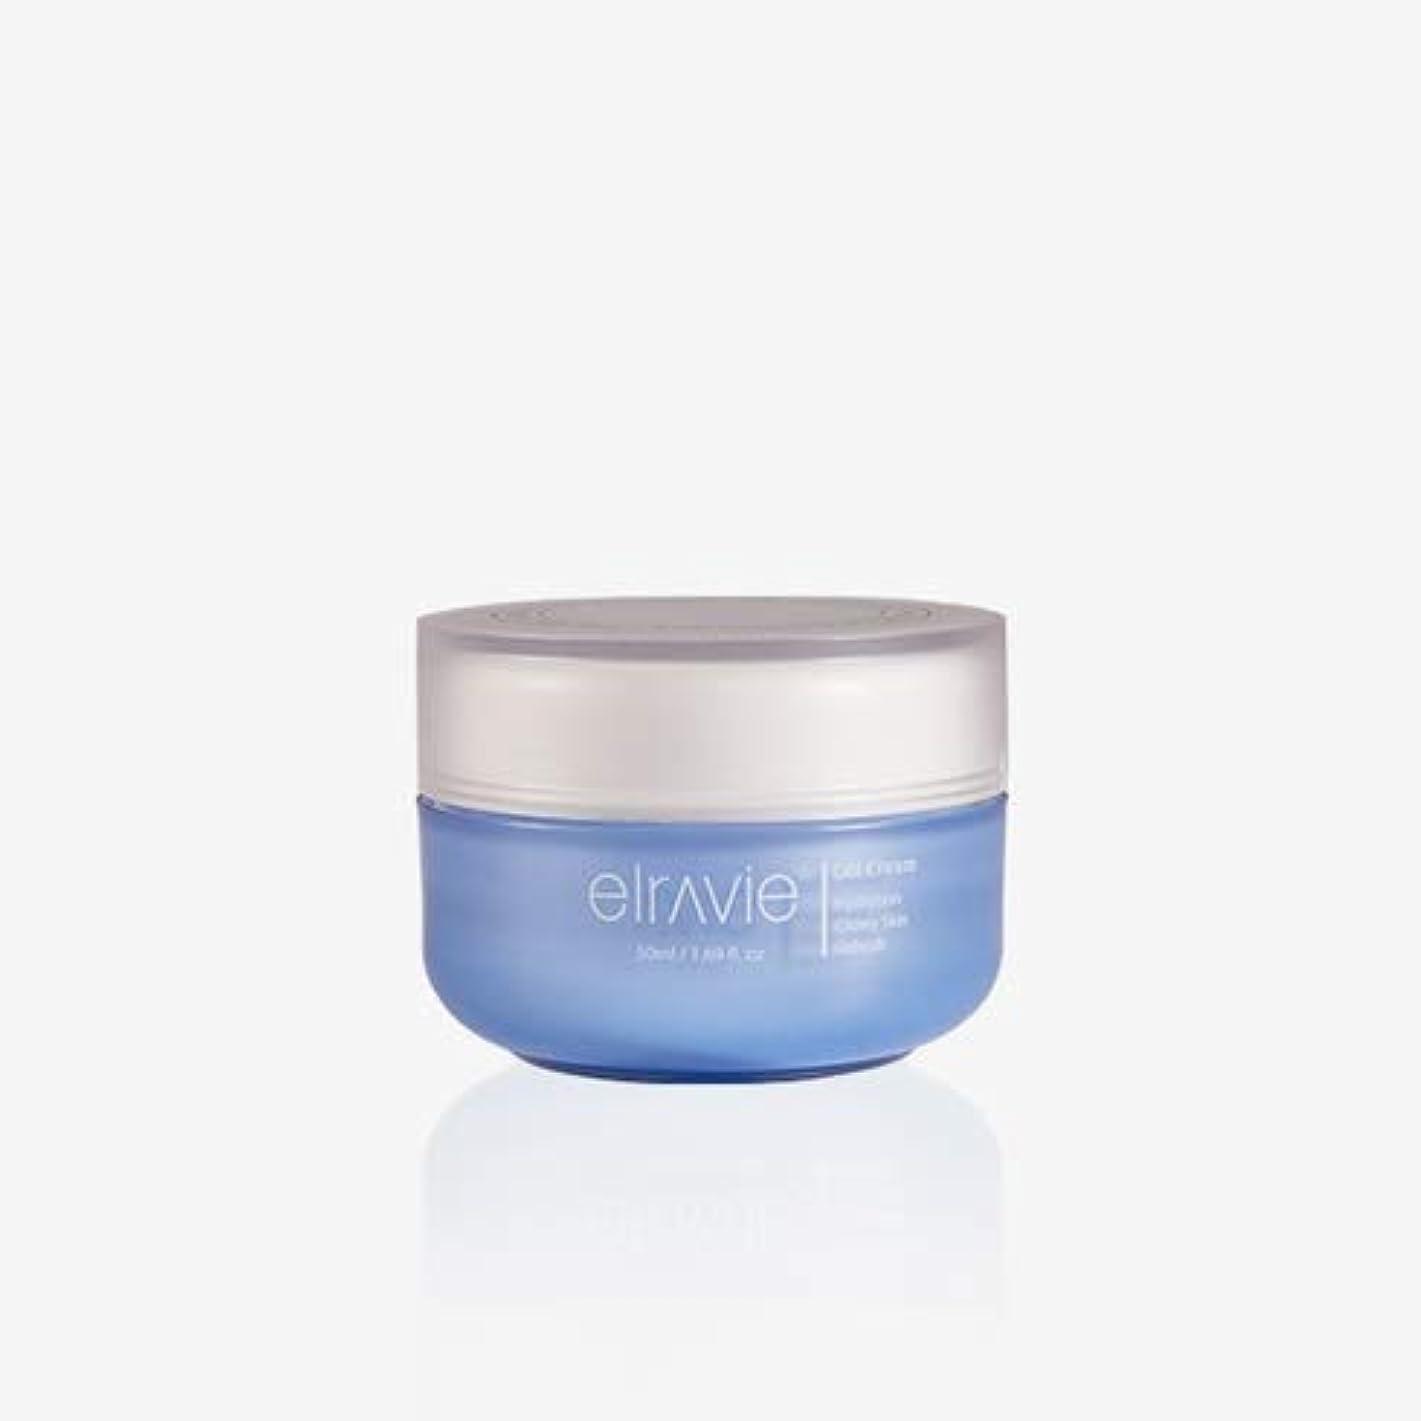 復活させるプロフェッショナル角度エラヴィー[Elravie] ダーマハイドロエクステンデッドハイジェルクリーム50ml / Derma Hydro Extended Hyal Gel Cream